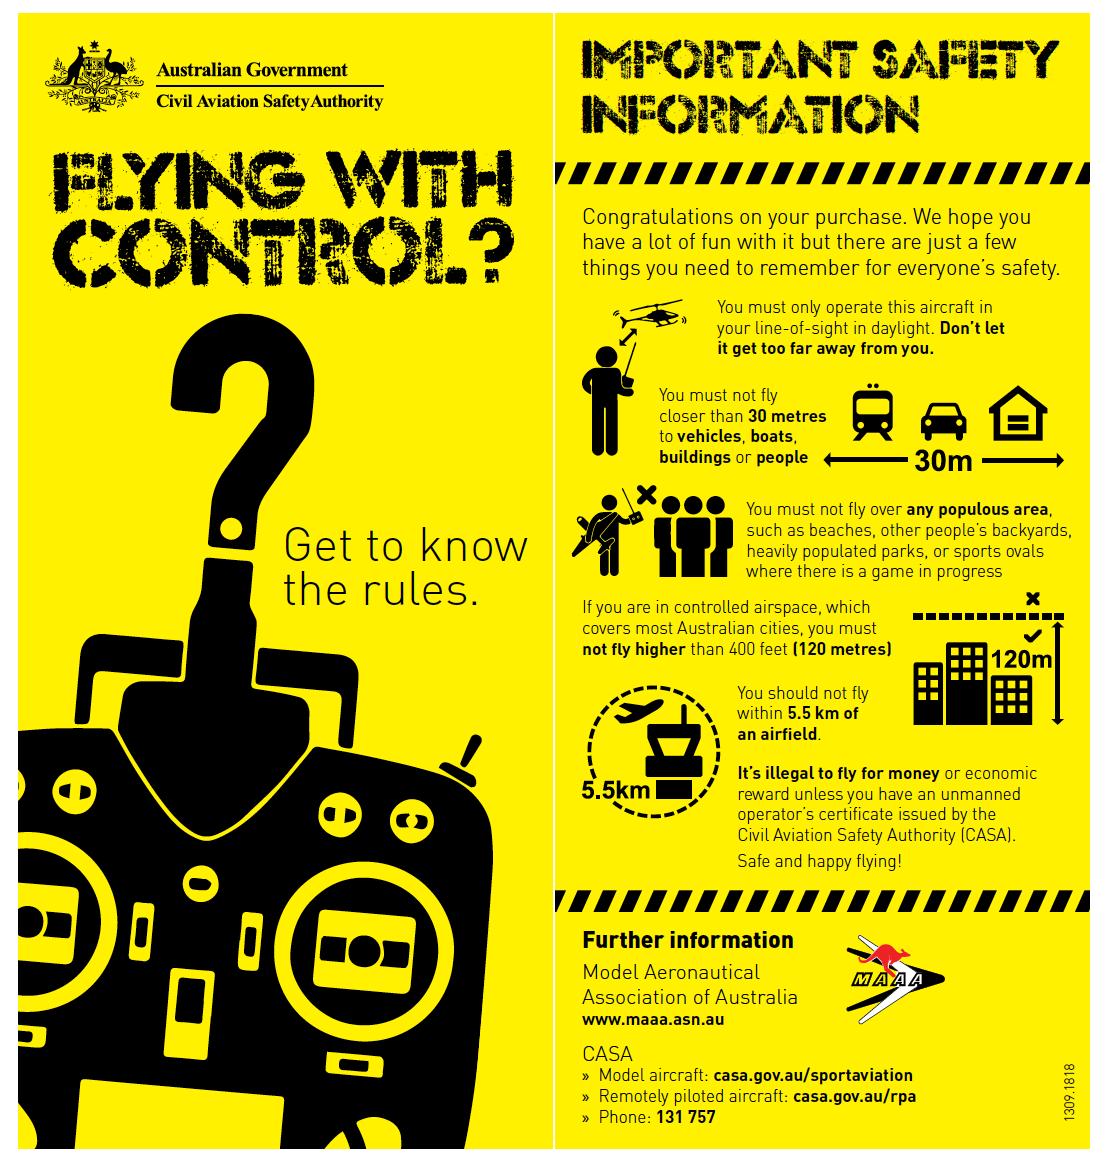 Media Confidential 2017 09 10: Drone Regulations In Australia